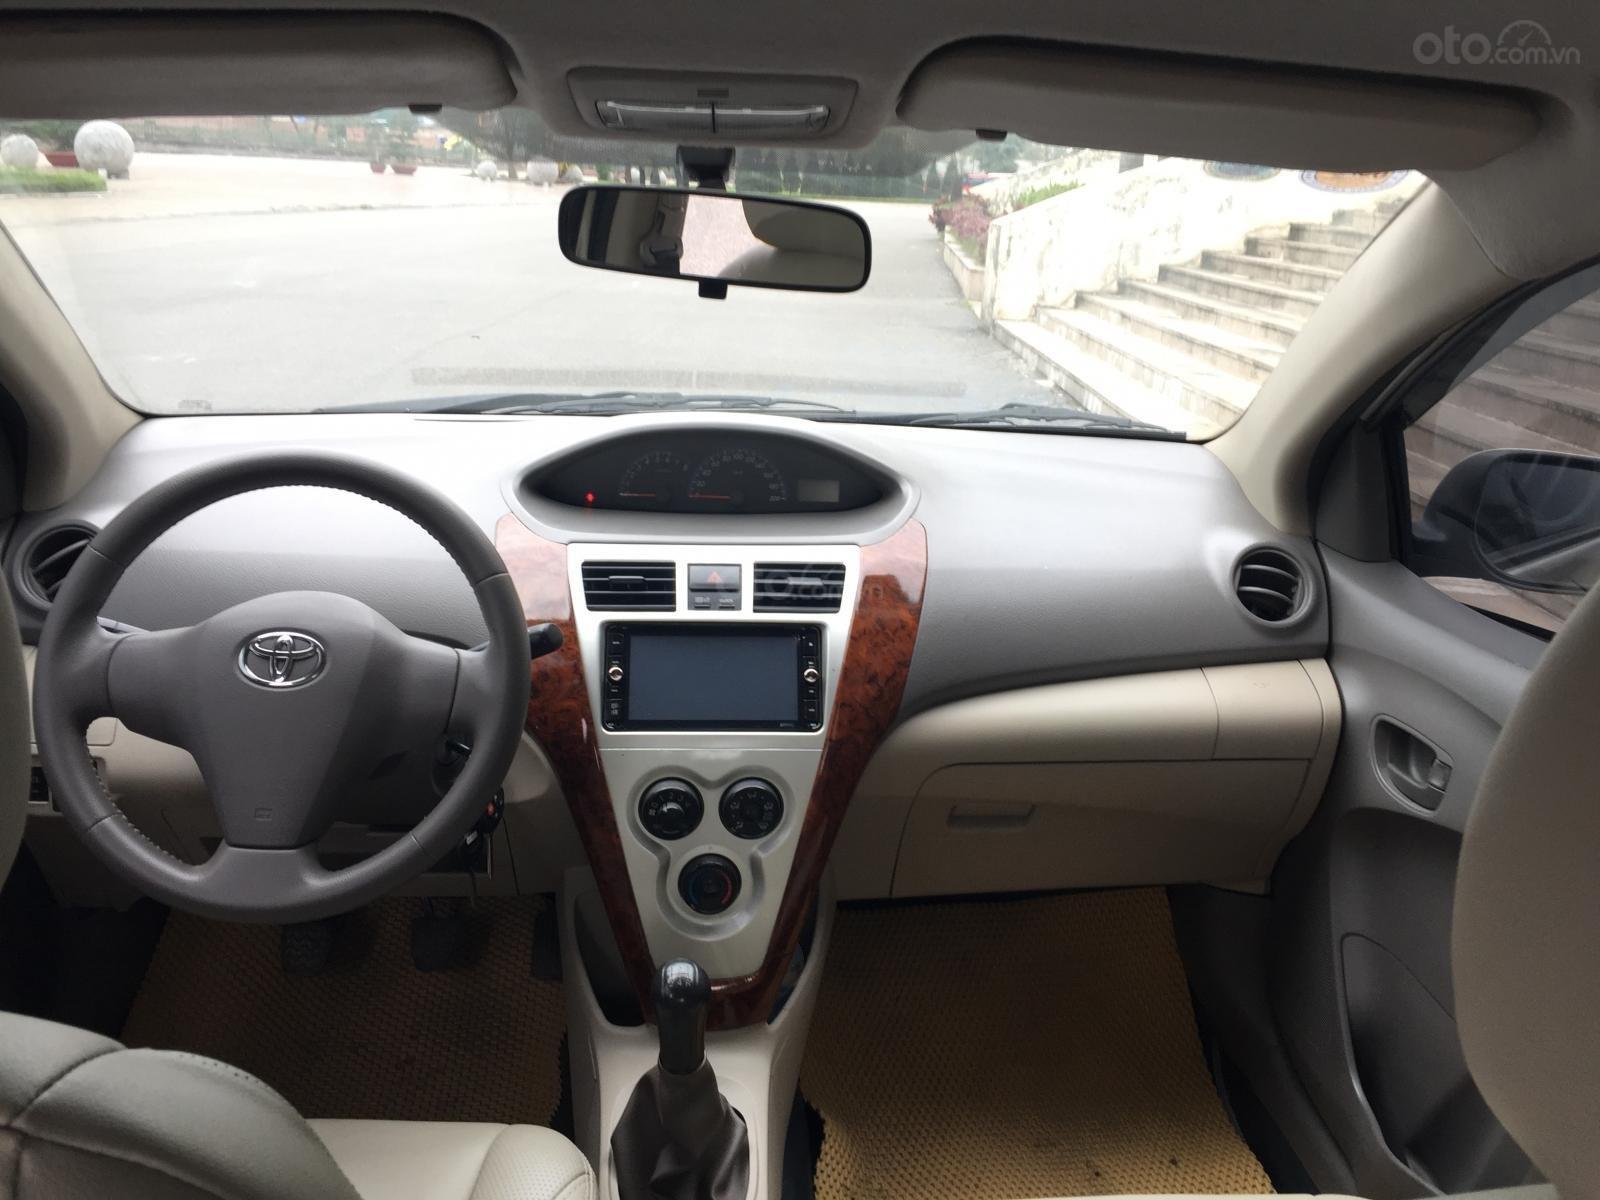 Bán xe Toyota Vios 1.5E 2013, màu vàng (4)